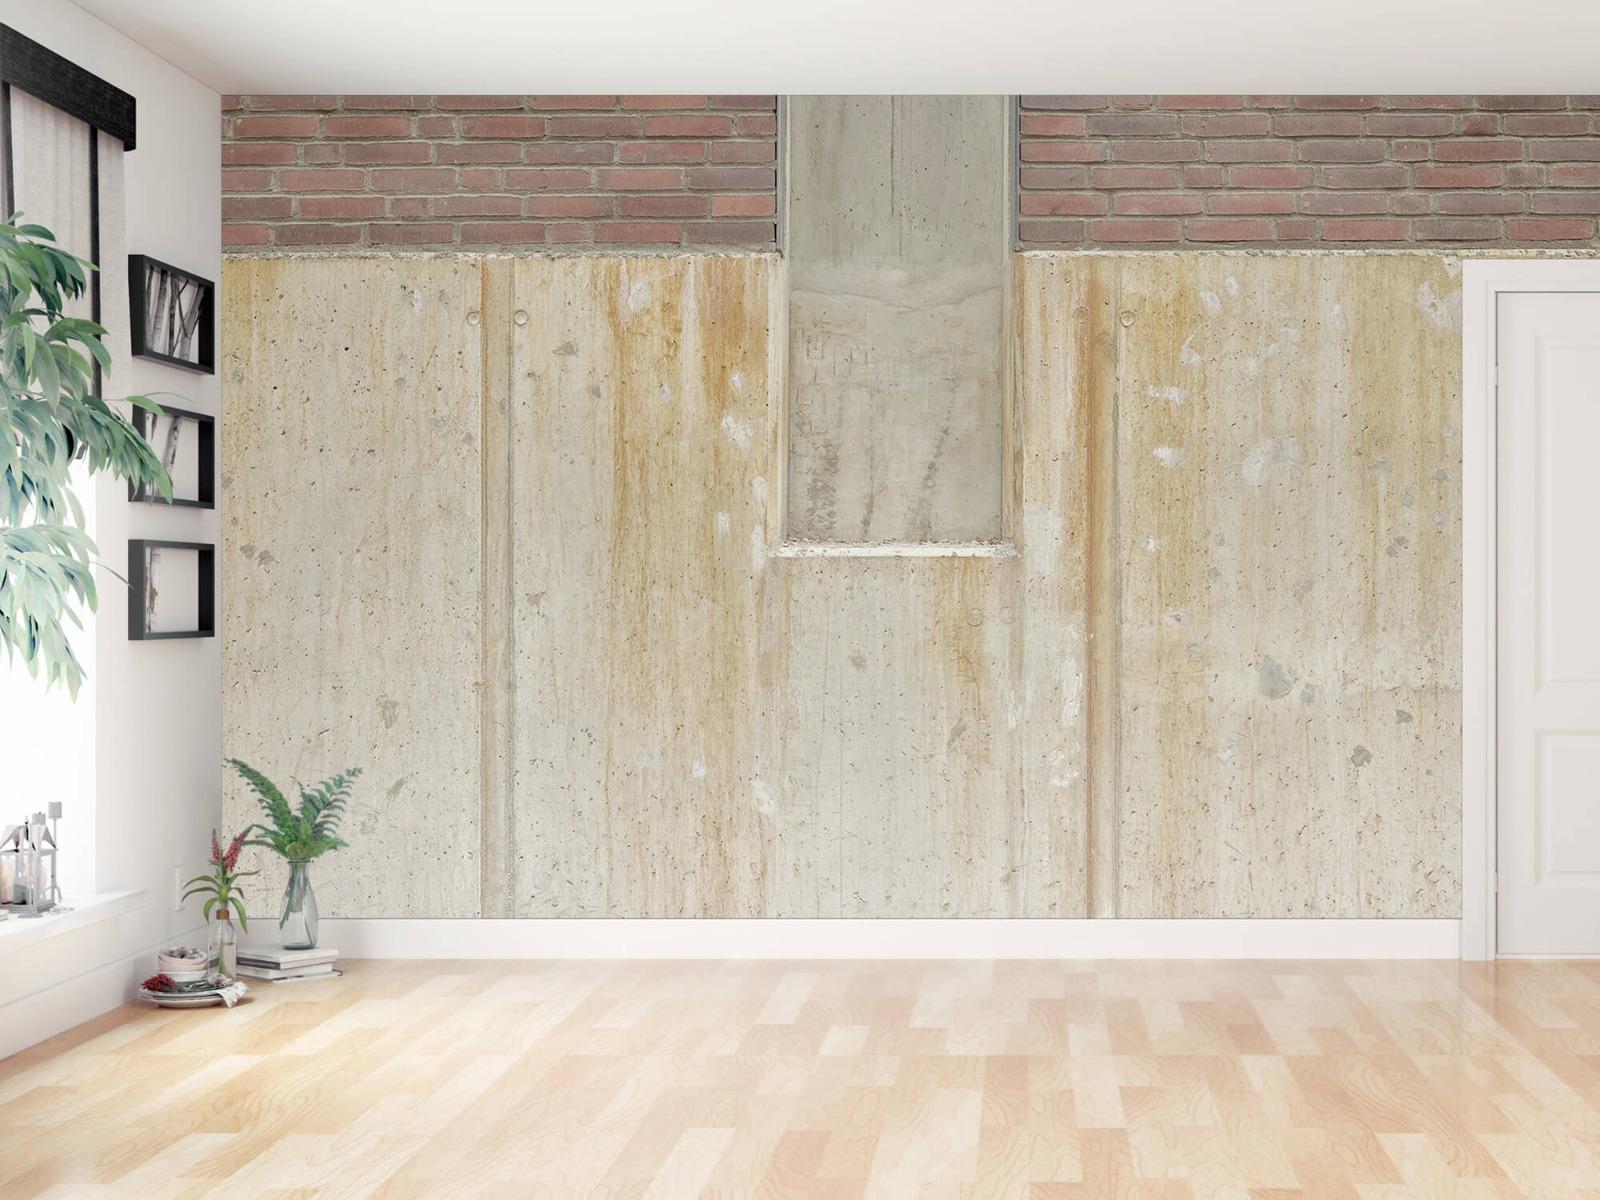 Betonlook behang - Beton en bakstenen - Wallexclusive - Woonkamer 3